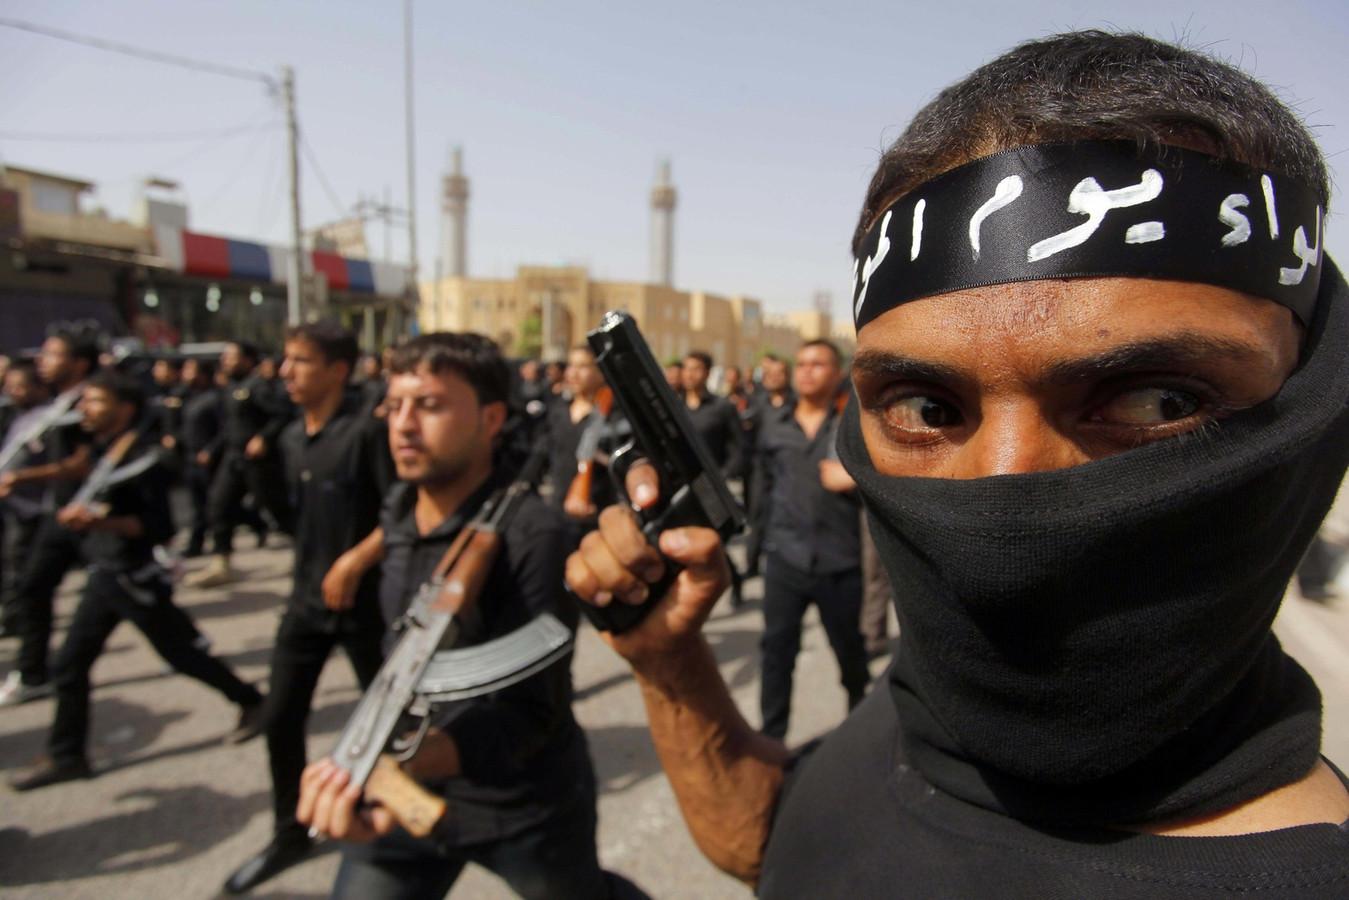 Dans les rues de Bagdad, à l'appel du puissant chef chiite Moqtada Sadr, des milliers de volontaires ont orchestré une véritable démonstration de force.